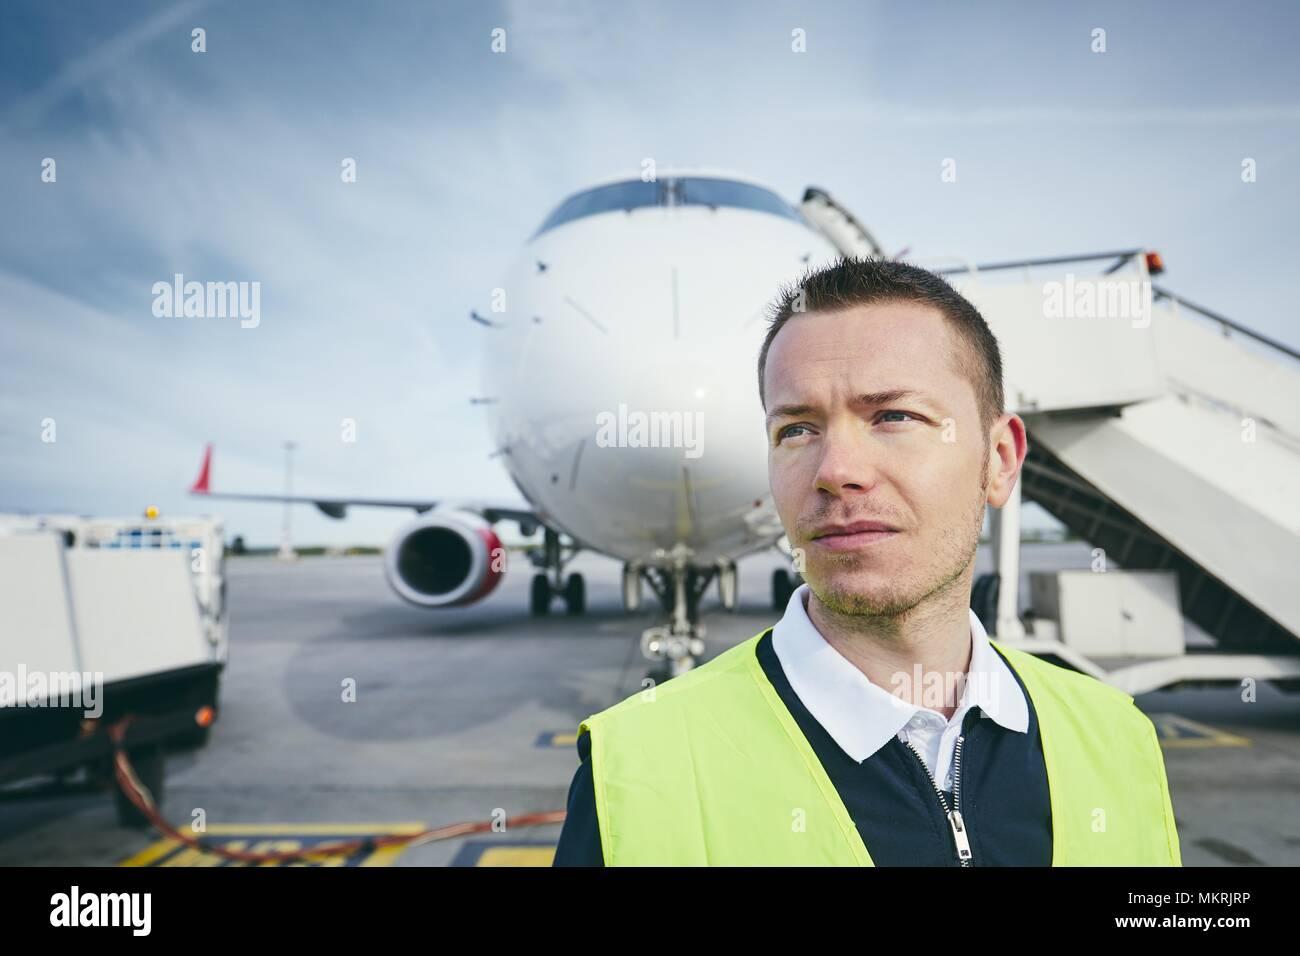 Gli Stati equipaggio a terra lavoratore presso l'aeroporto nella parte anteriore del velivolo. Immagini Stock